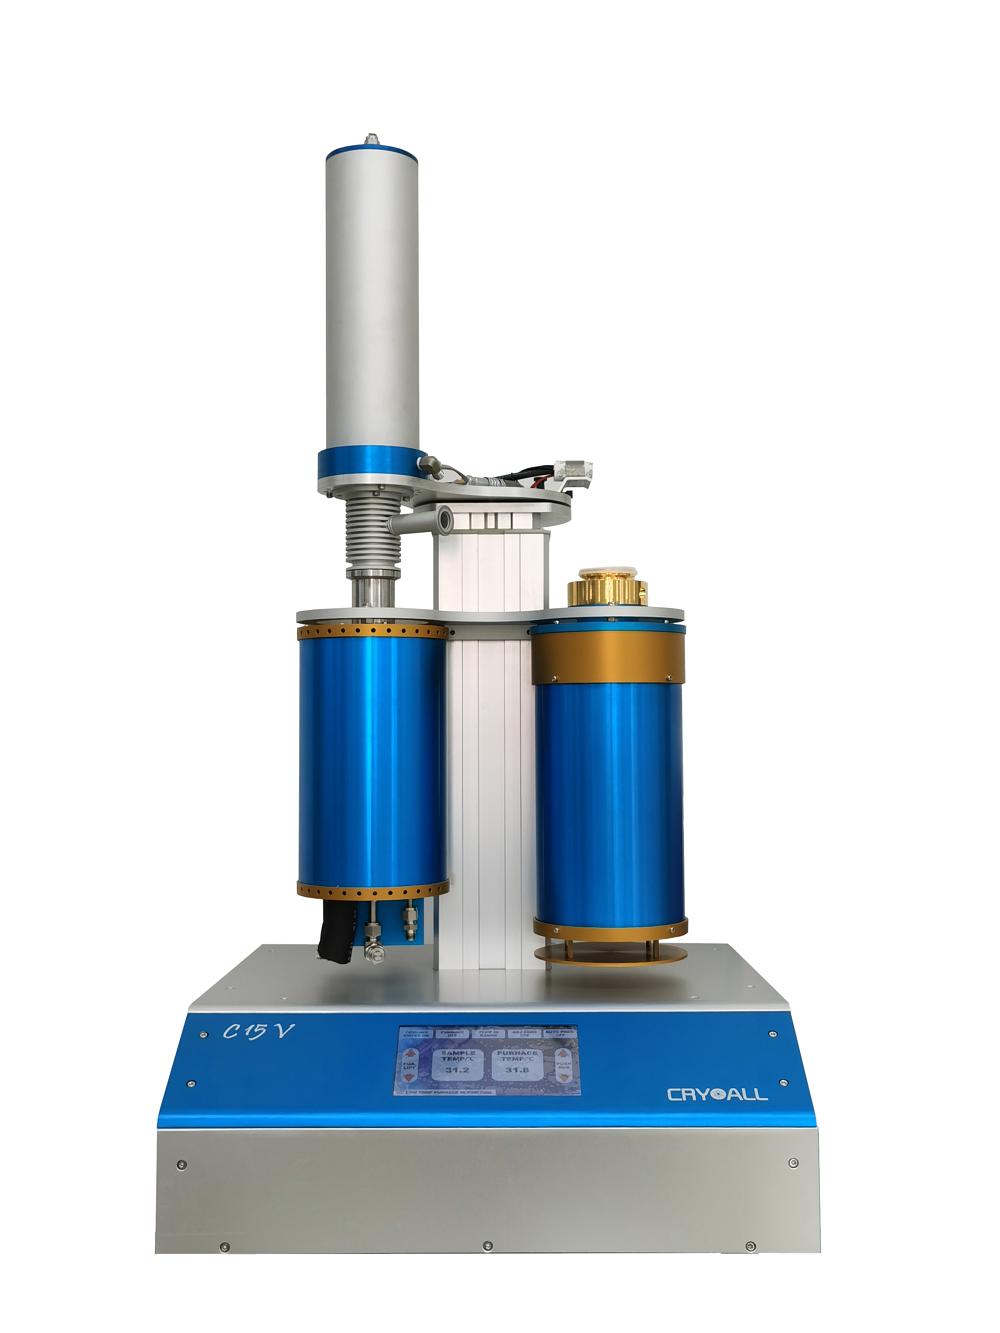 液氦膨胀仪/ 热机械仪  C15V-Pro